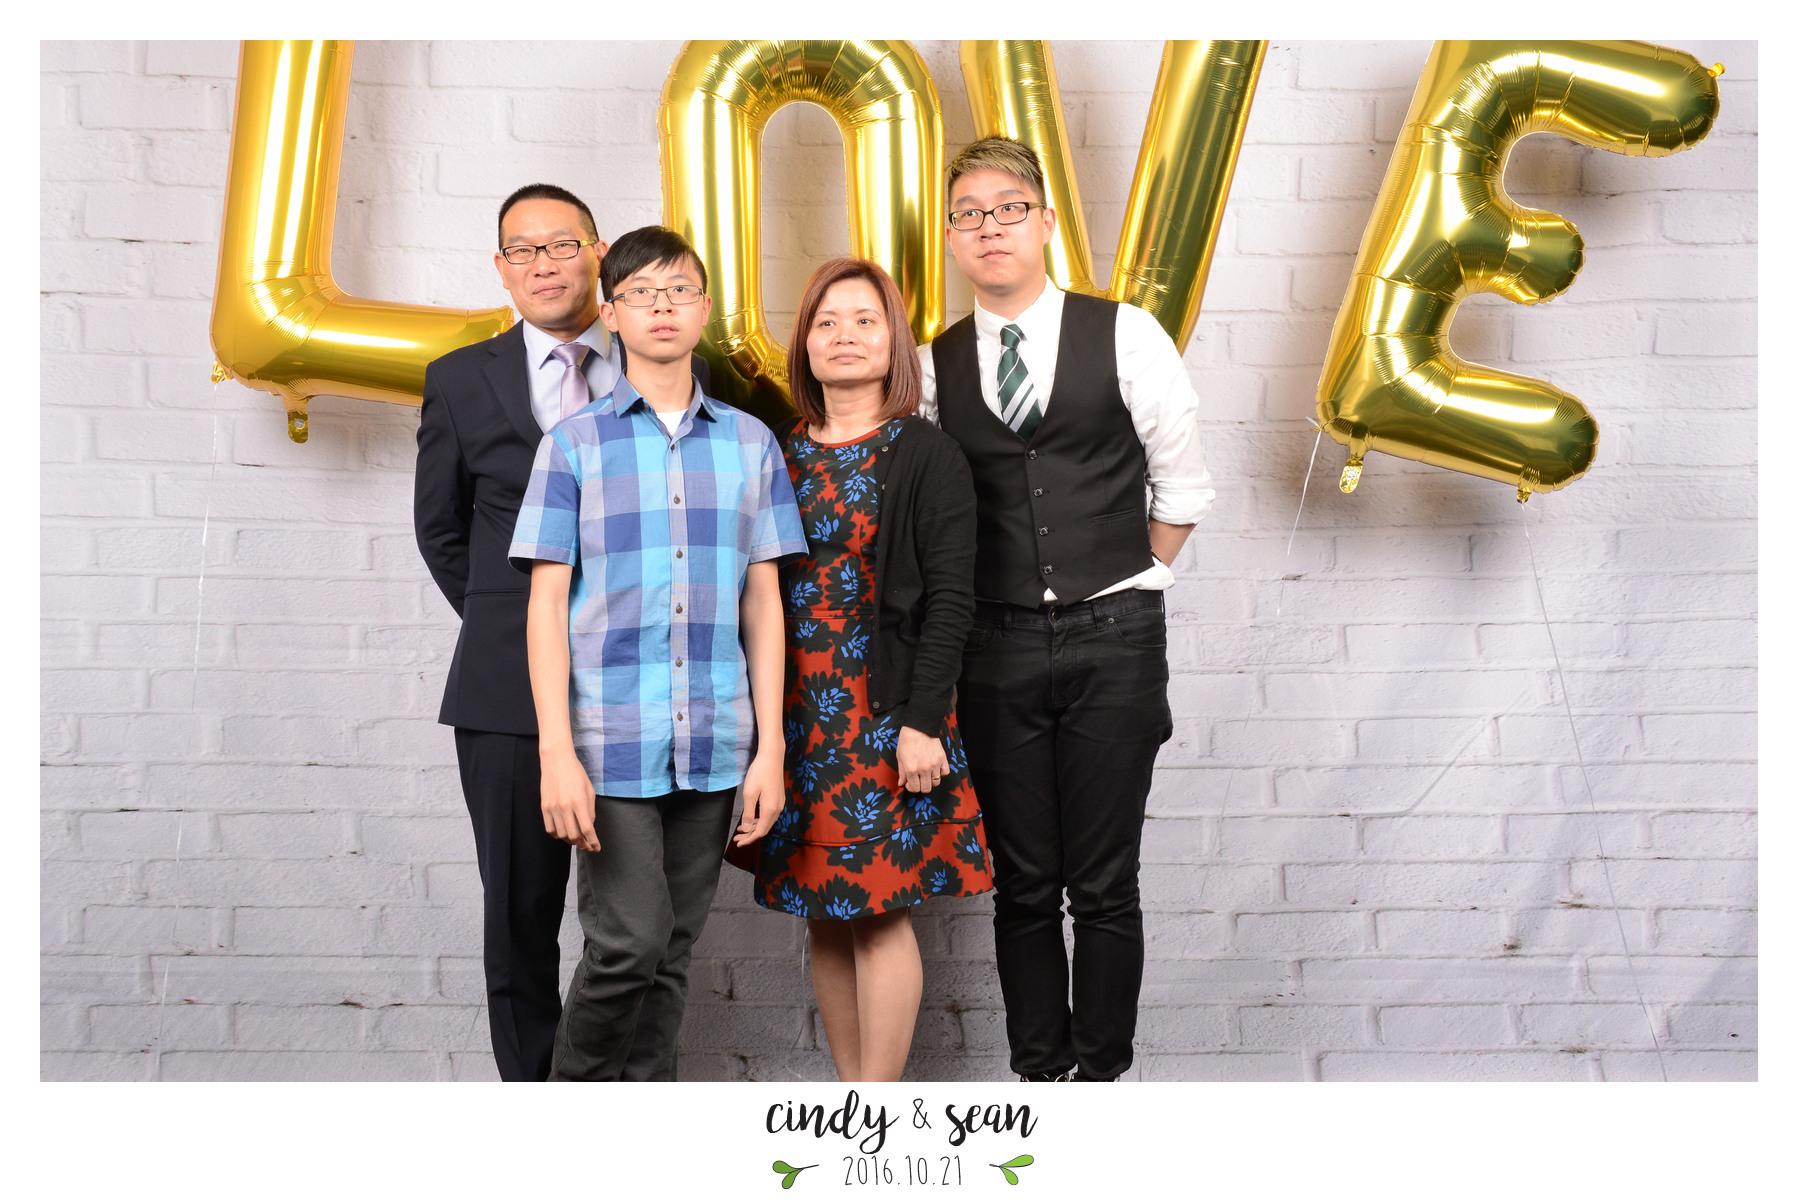 Cindy Sean Bae - 0001-37.jpg